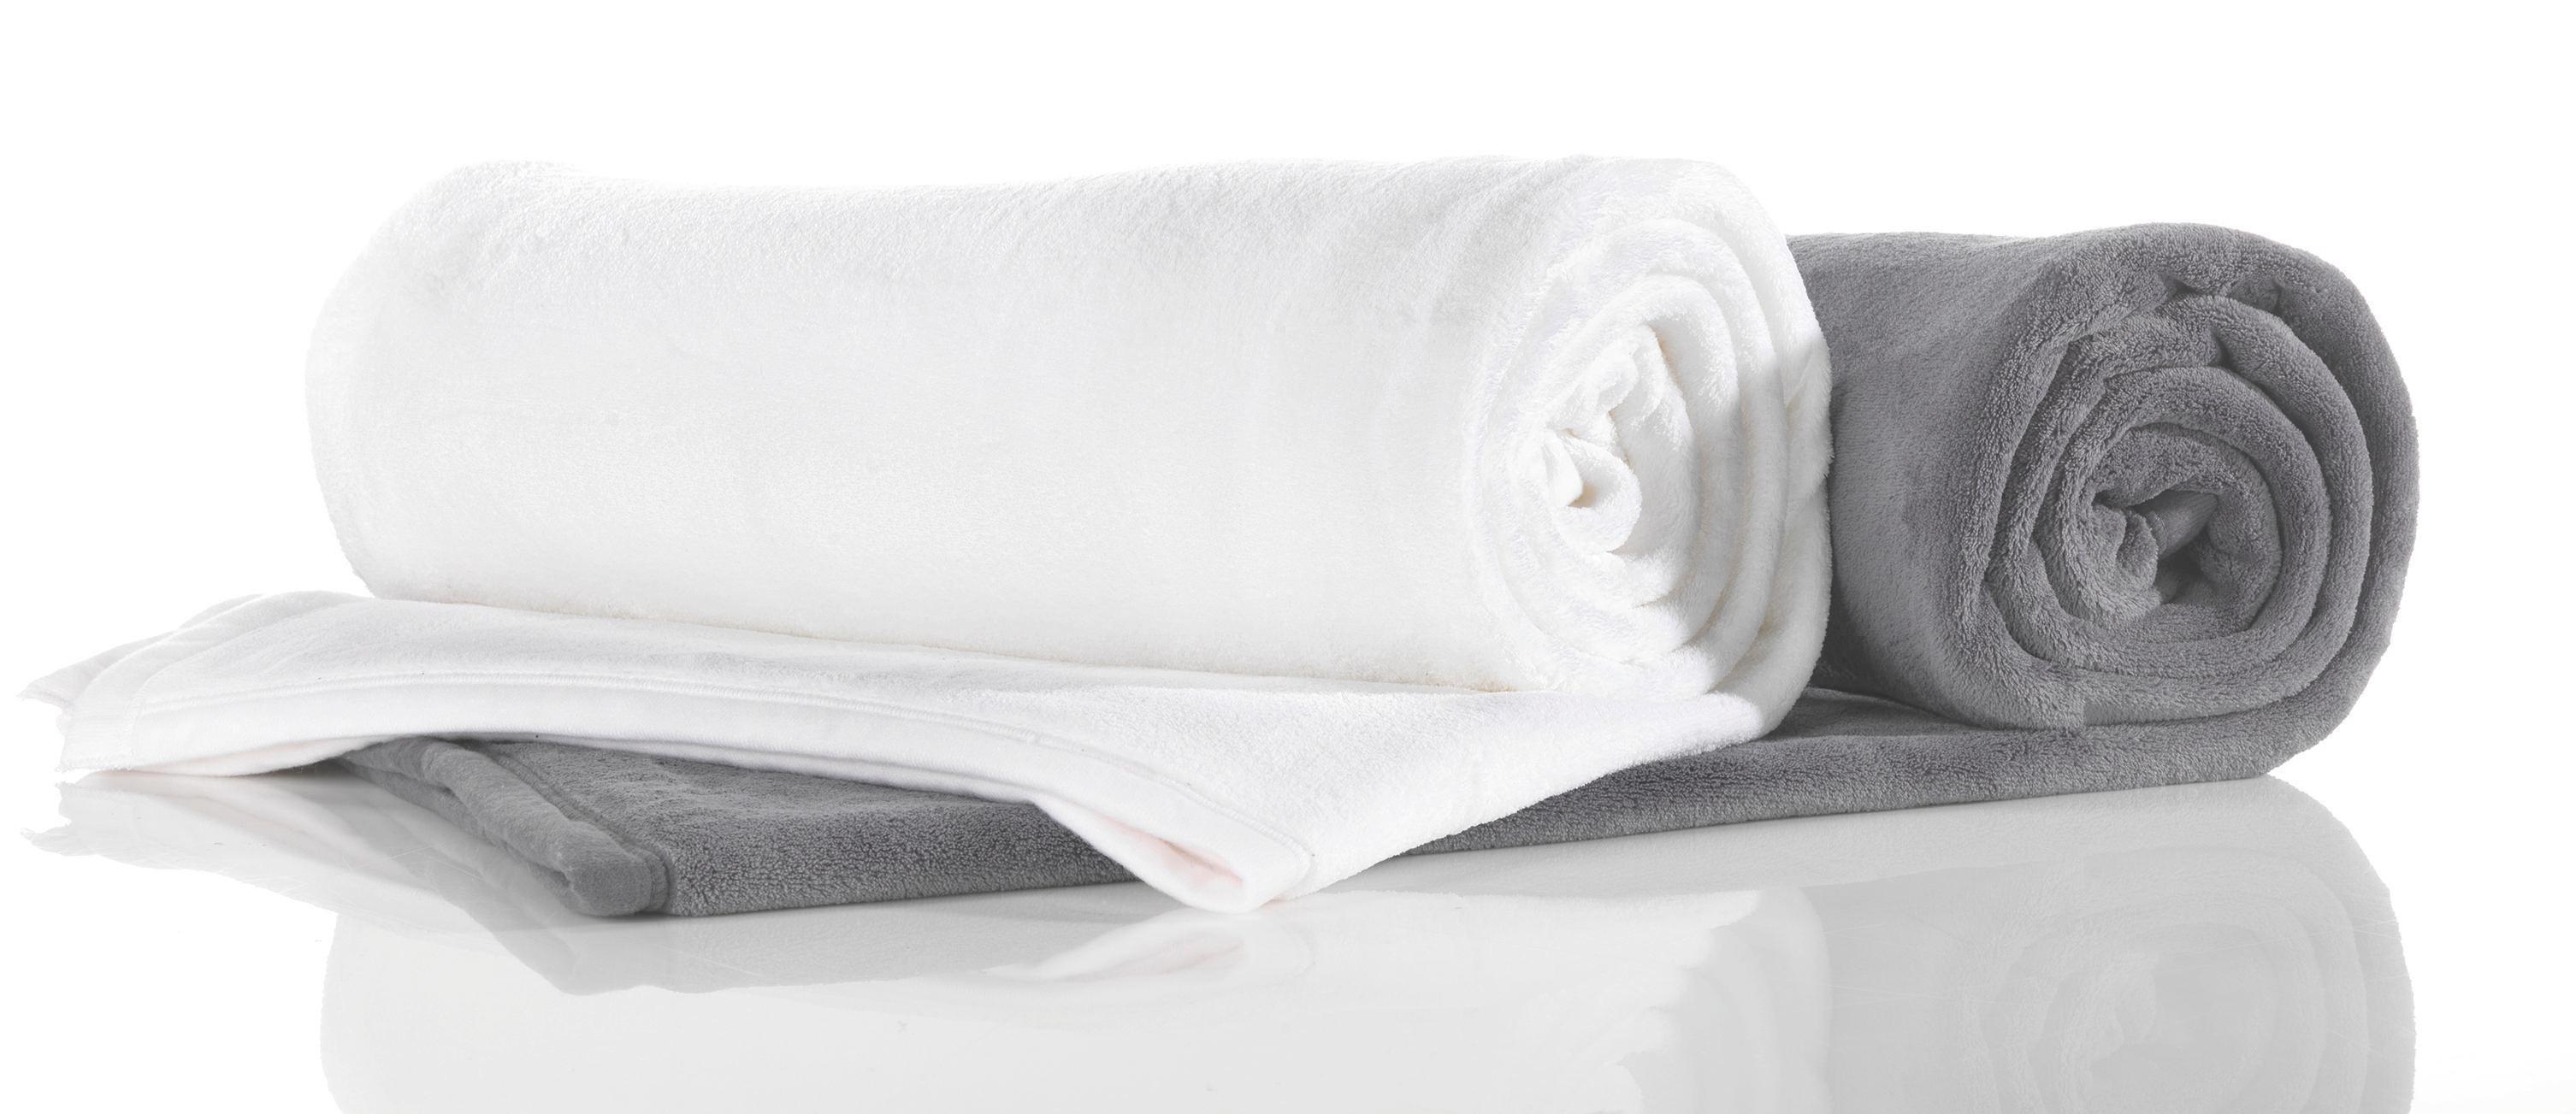 Kuscheldecke Michael XXL in Weiß - Weiß, Textil (220/240cm)